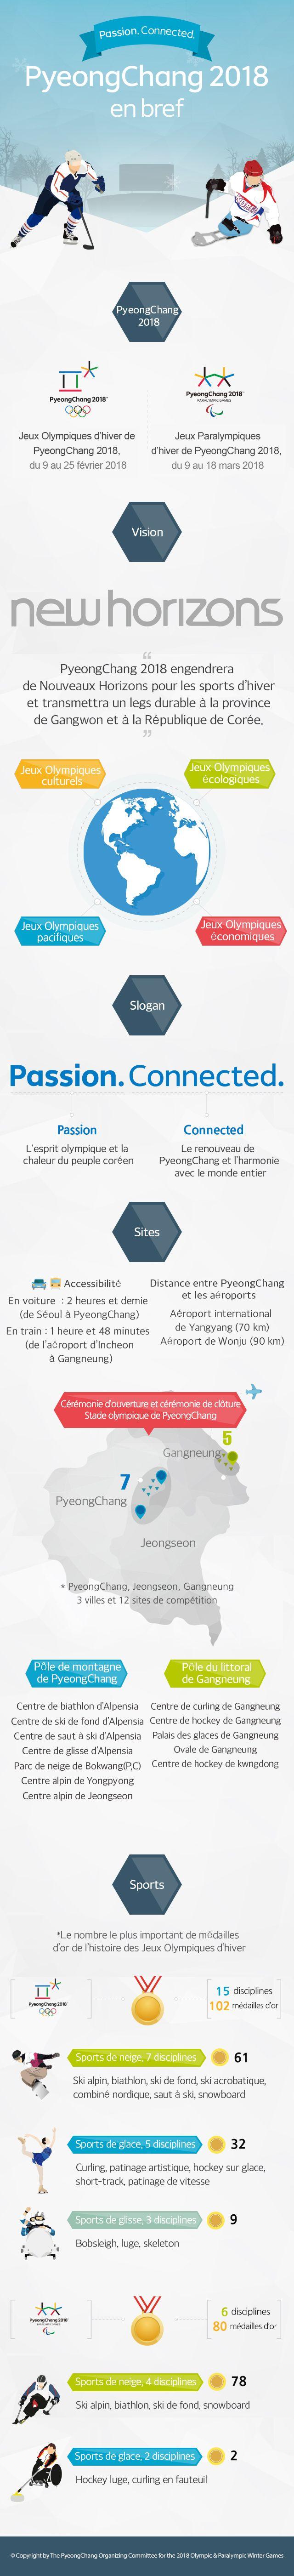 PyeongChang 2018 en bref   Infographie   Récit   Autres   Les Jeux Olympiques et les Jeux Paralympiques d'hiver de PyeongChang 2018